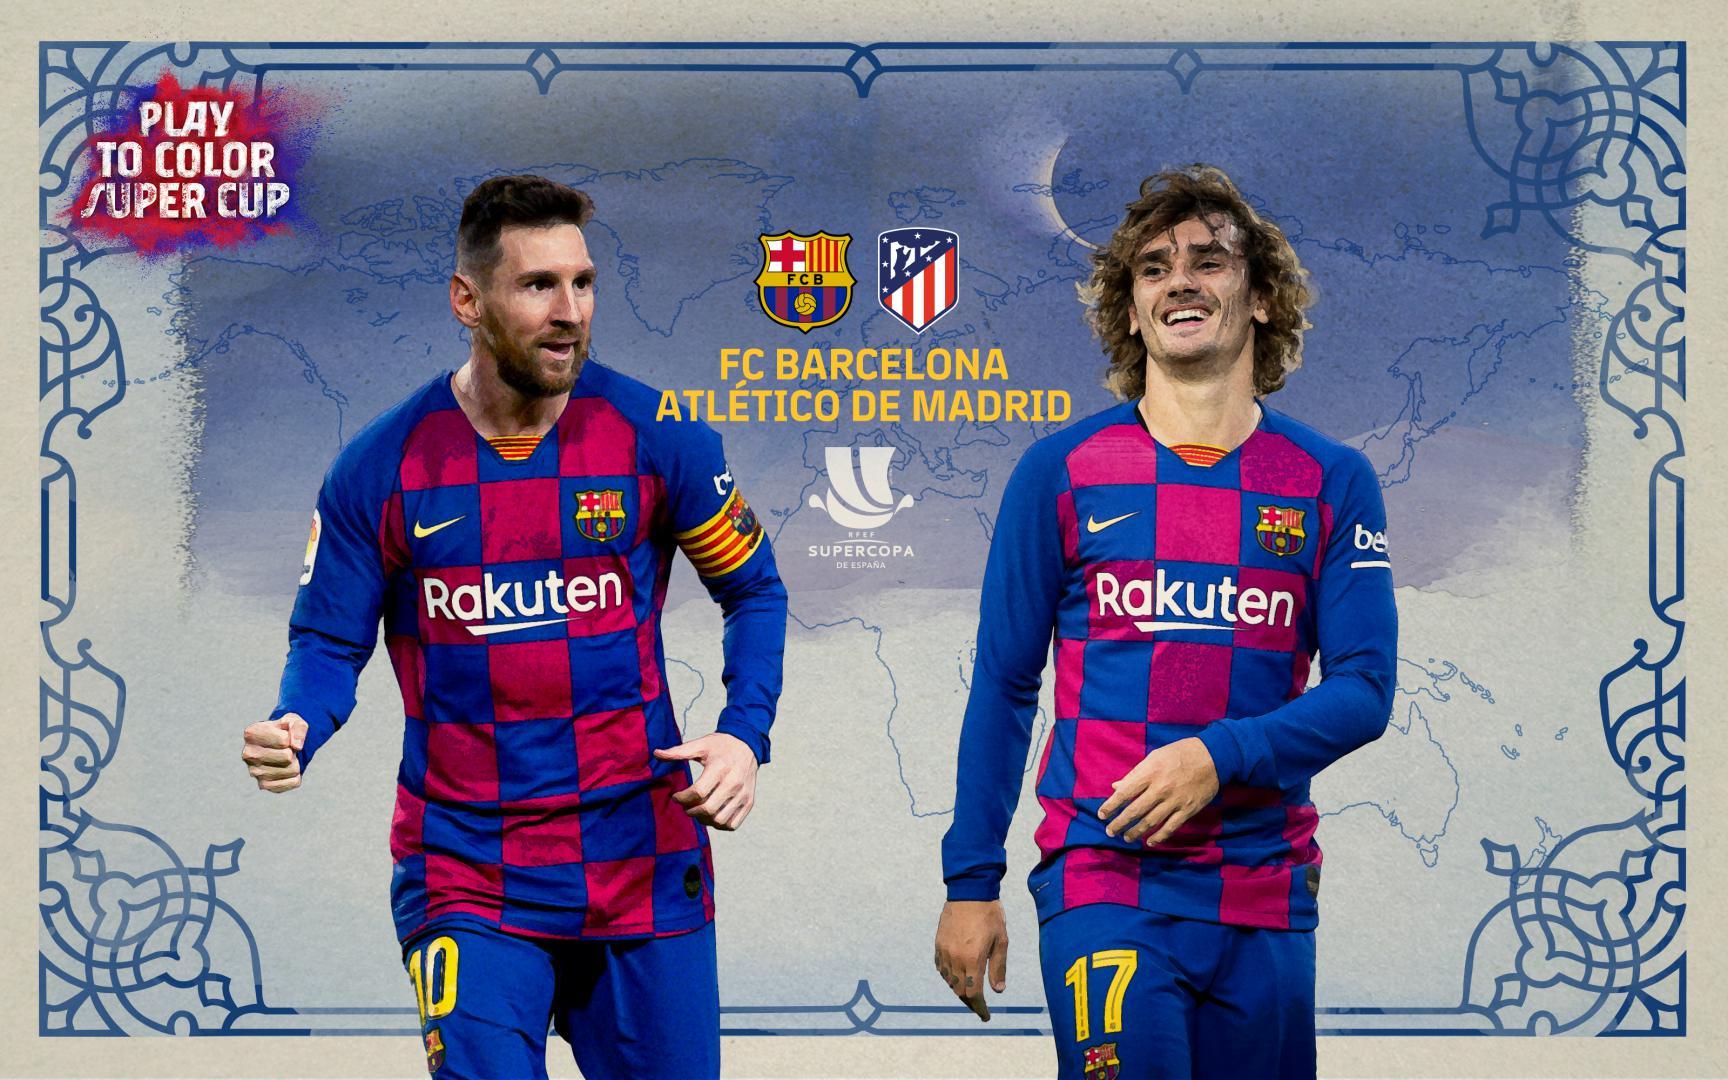 barcelona vs atletico madrid live streaming free arabic